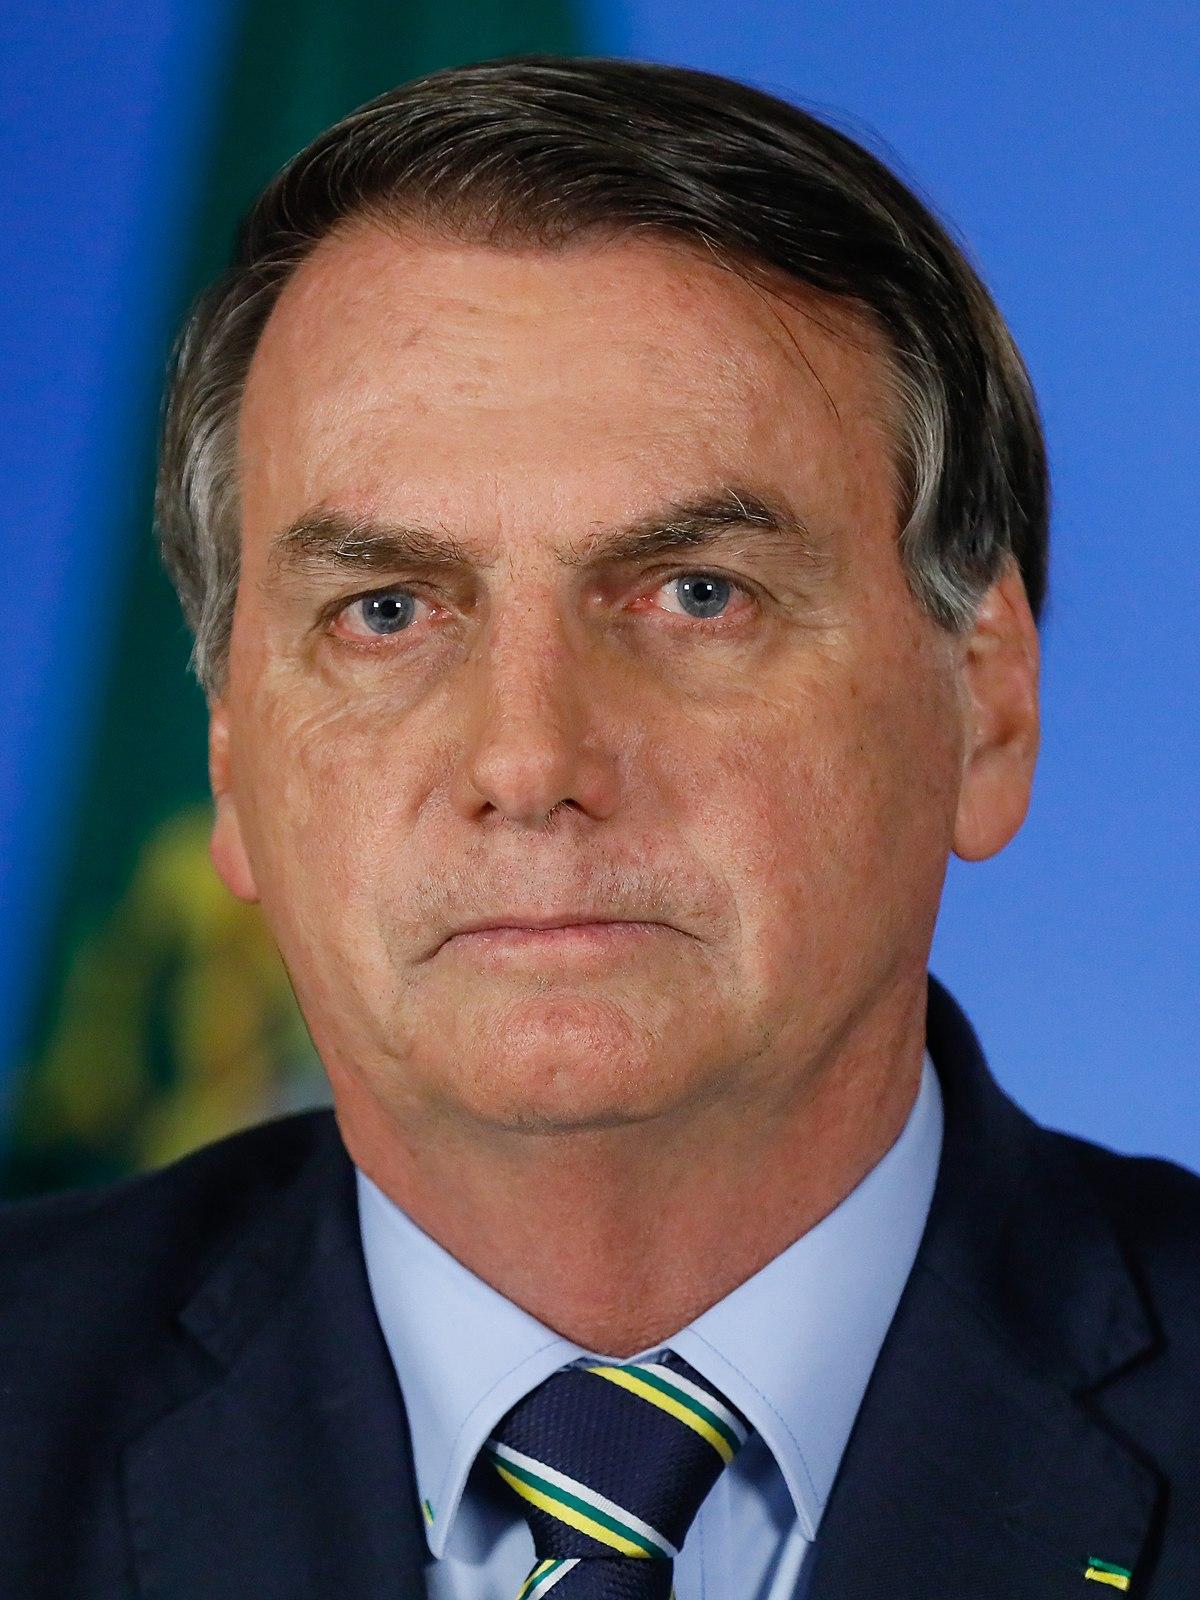 File:2020-03-24 Pronunciamento do Presidente da República, Jair Bolsonaro  em Rede Nacional de Rádio e Televisão - 49695919452 (cropped 2).jpg -  Wikipedia